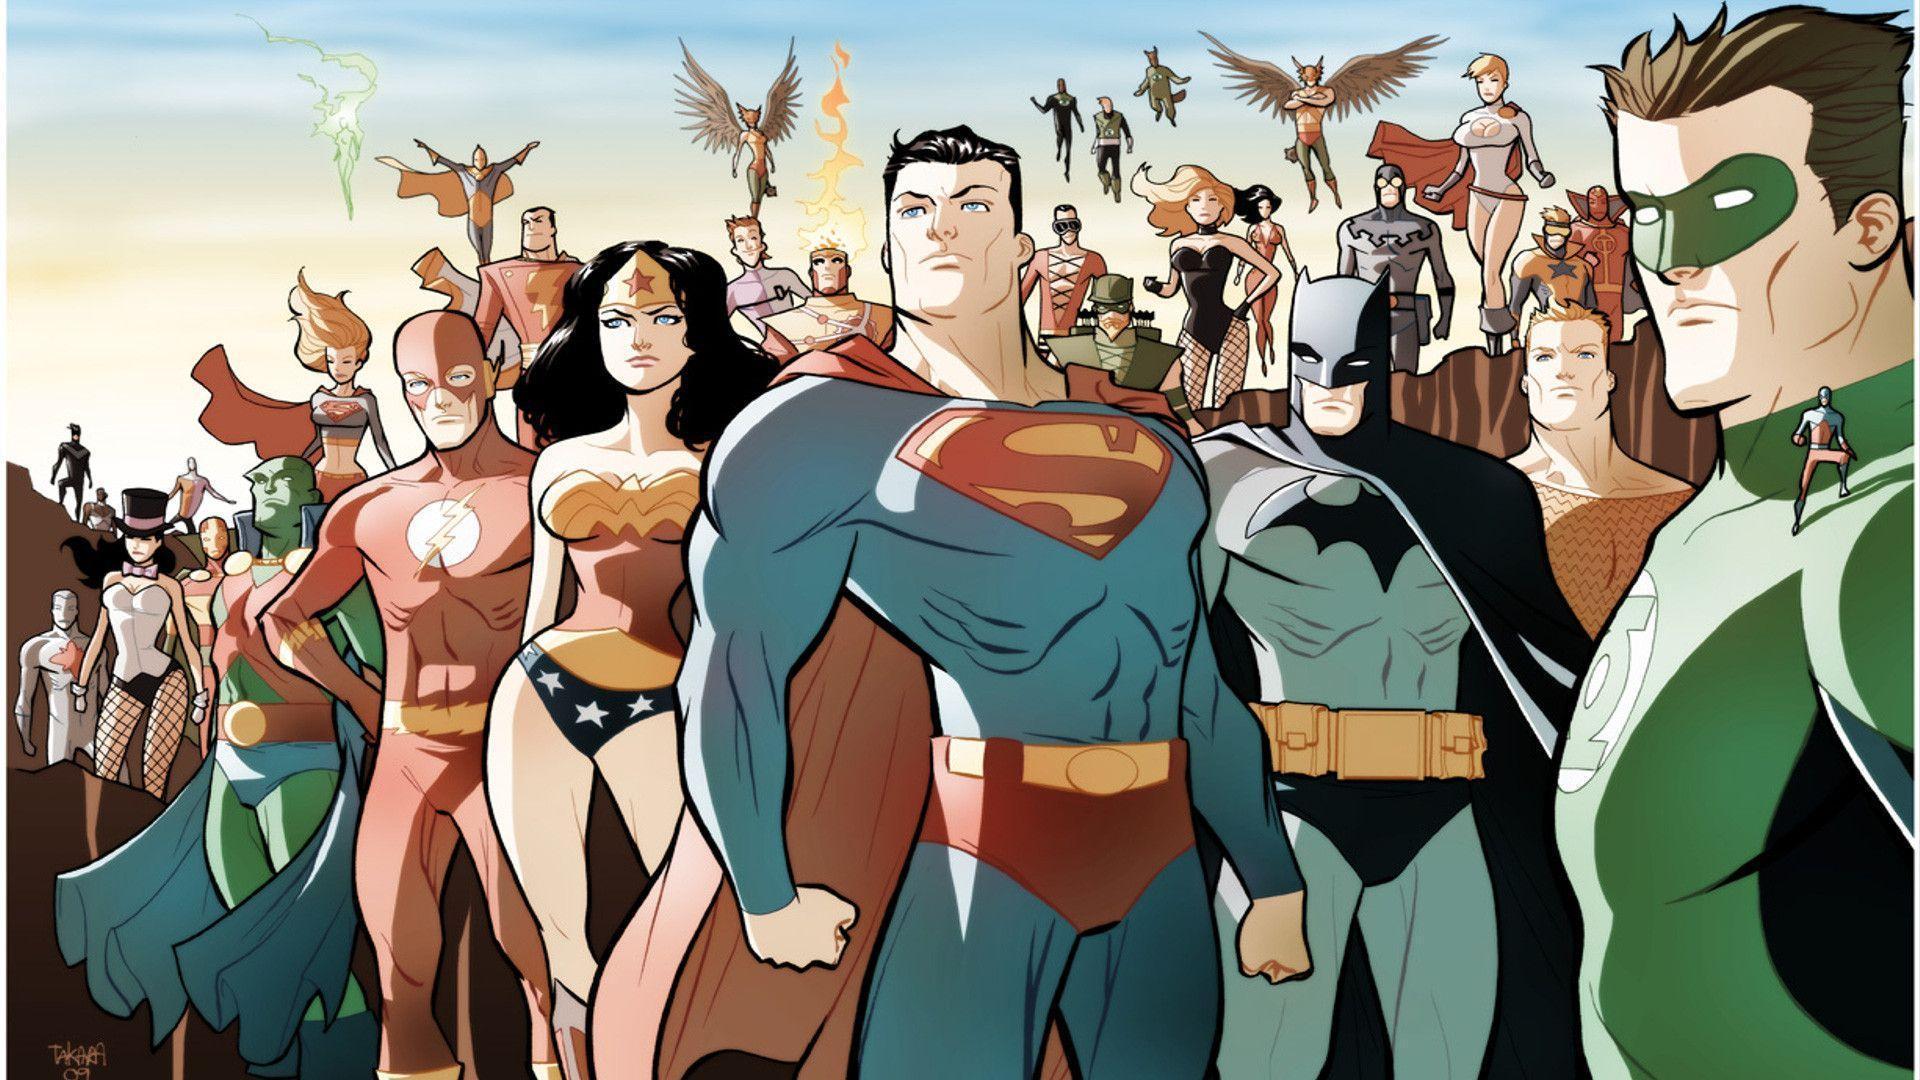 Dc Comics Justice League : Dc comics wallpapers wallpaper cave